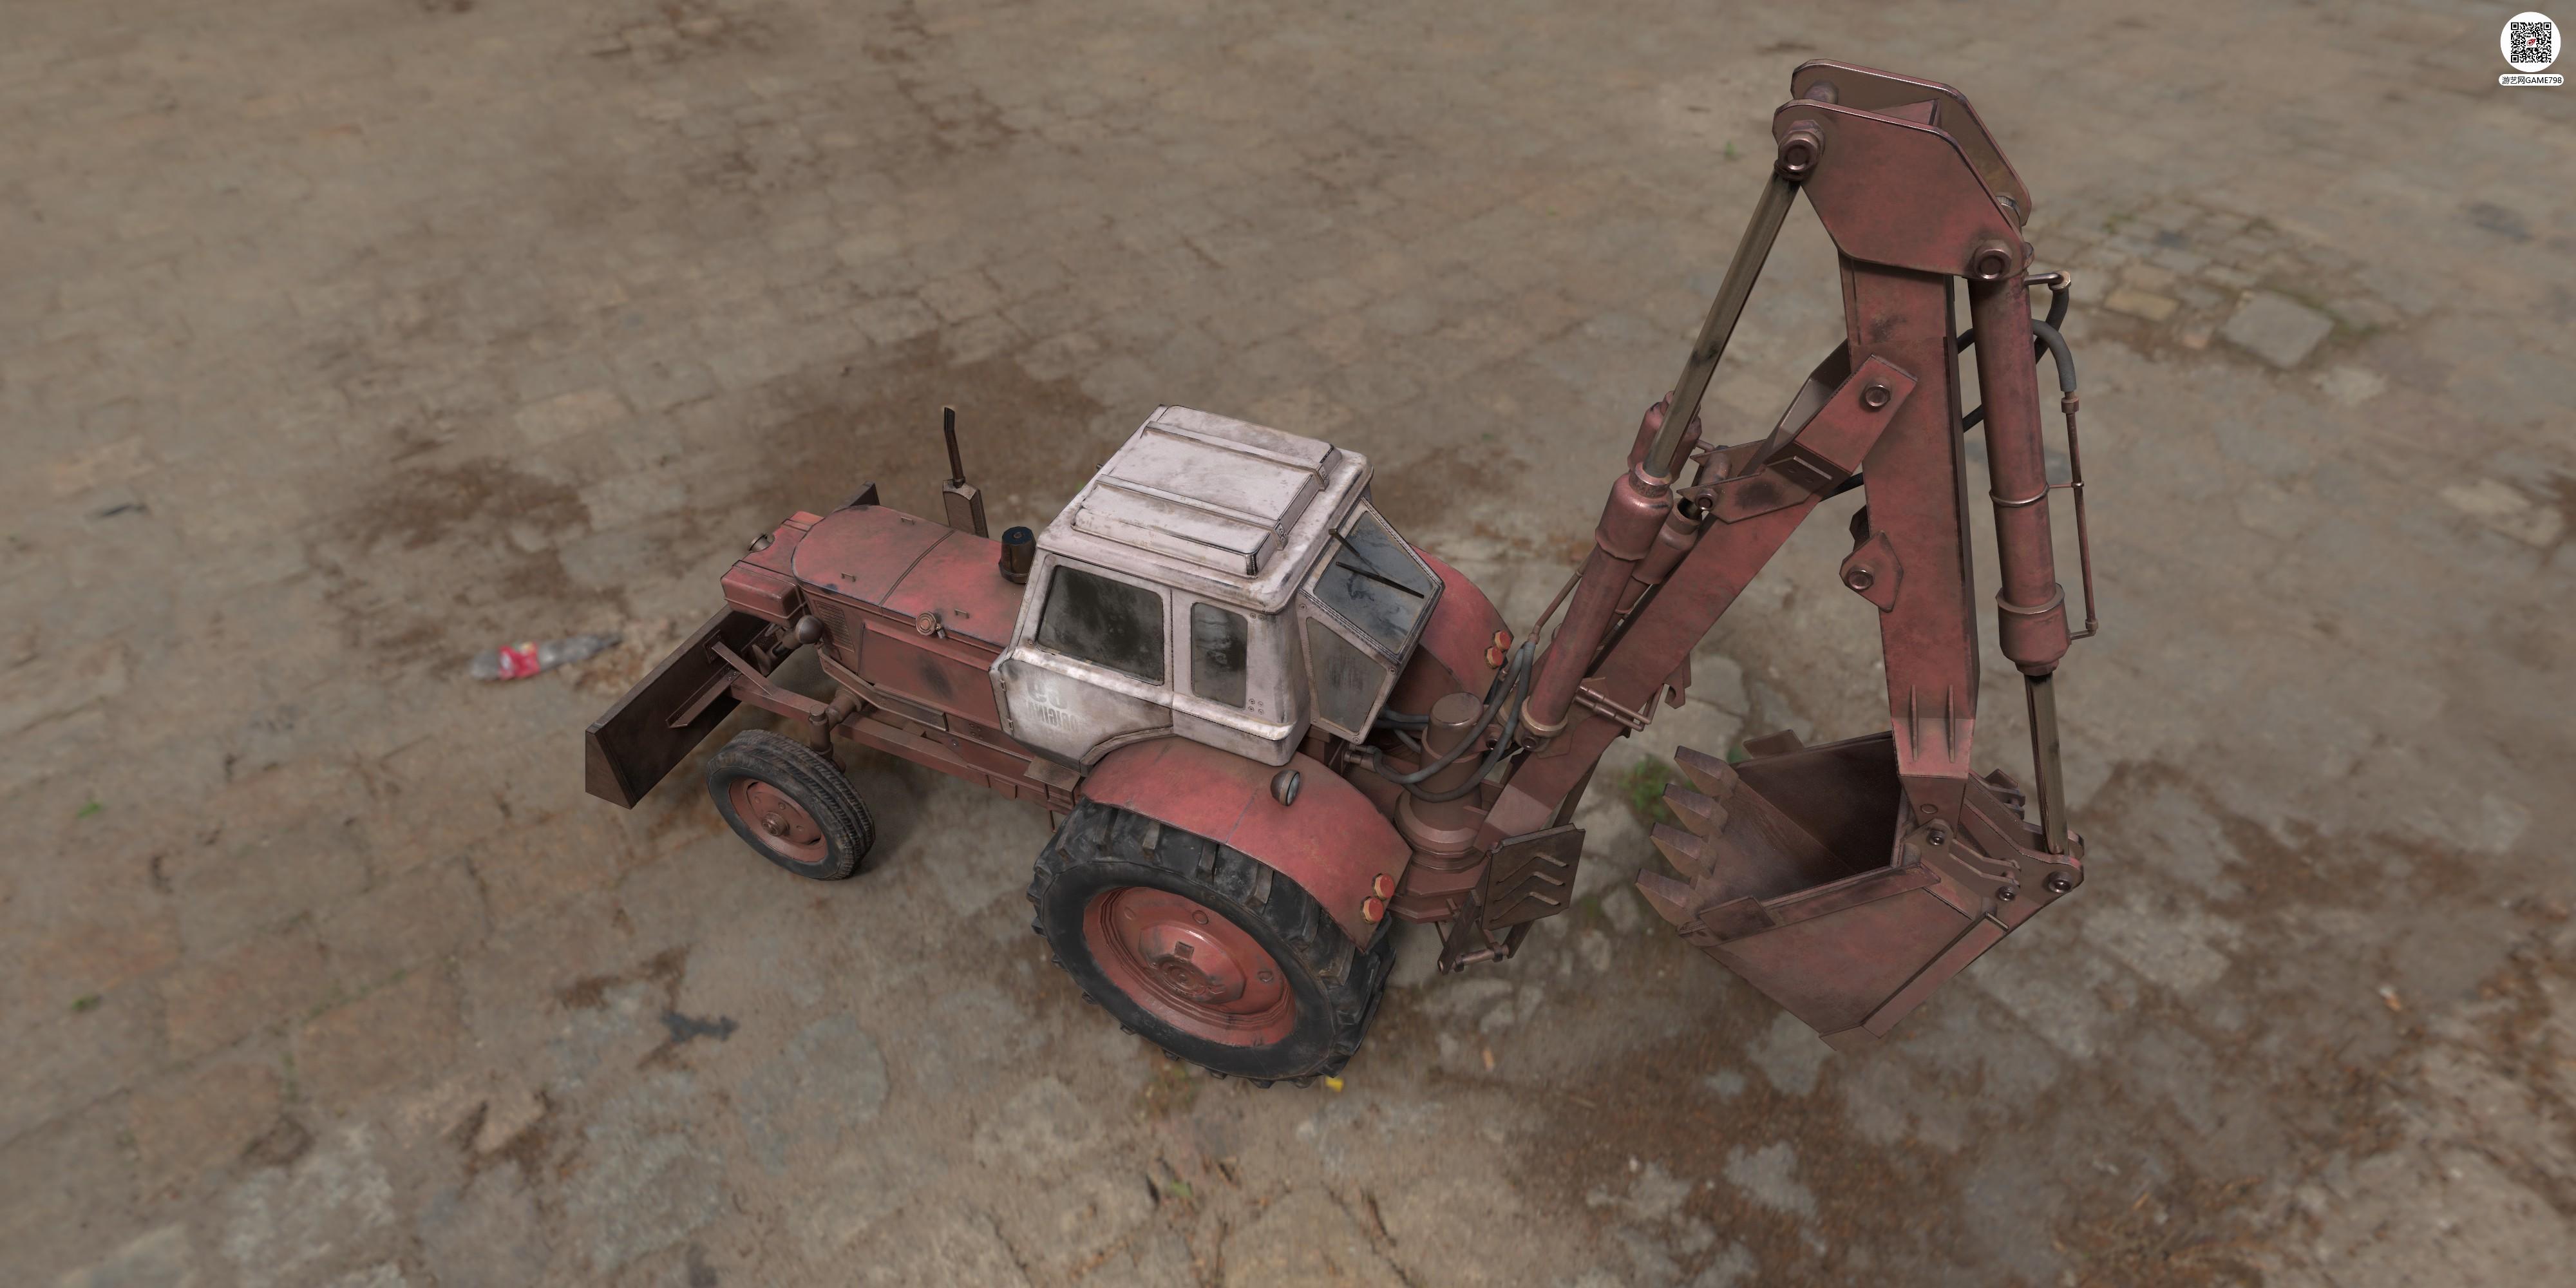 挖掘机—渲染图1.jpg